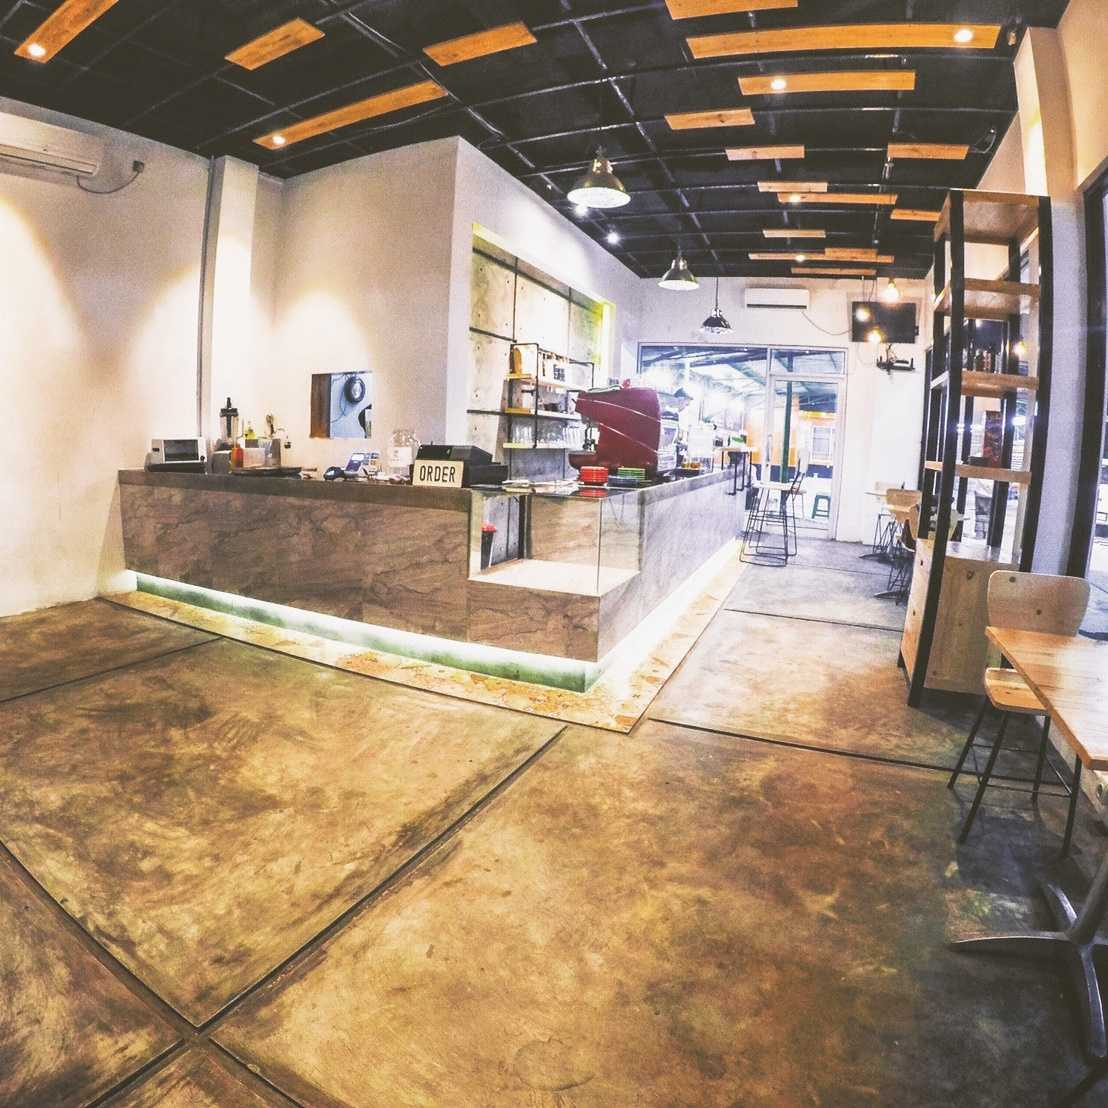 Rdesign Coffee No.45 Bekasi Jl. Taman Wisma Asri, Bekasi, Jawa Barat Jl. Taman Wisma Asri, Bekasi, Jawa Barat Img20170223232009018   28057